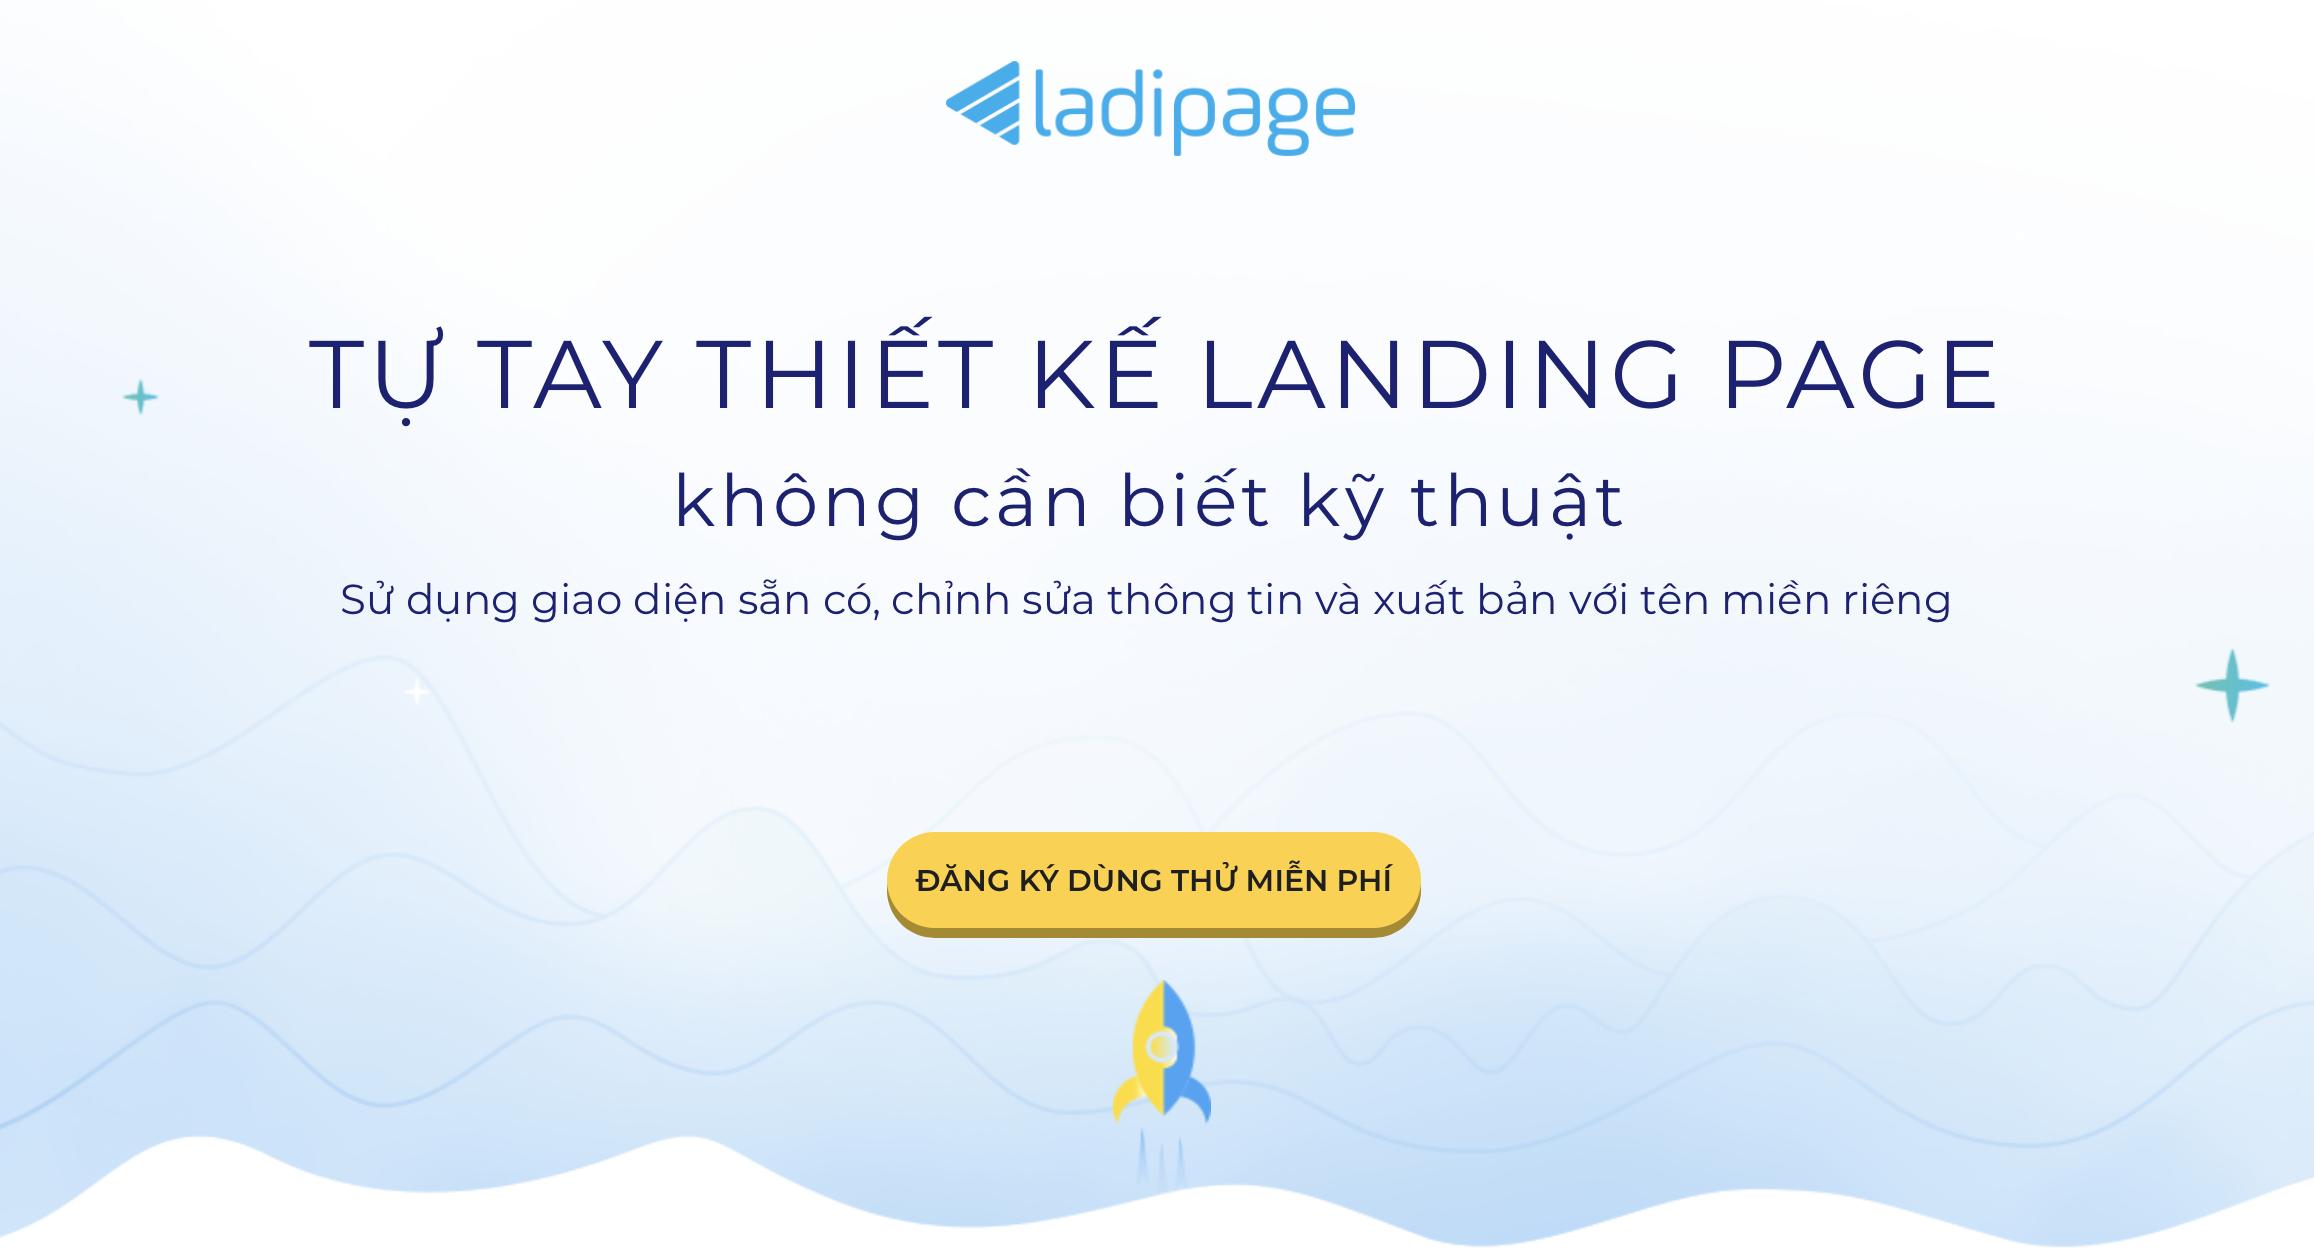 ladi page